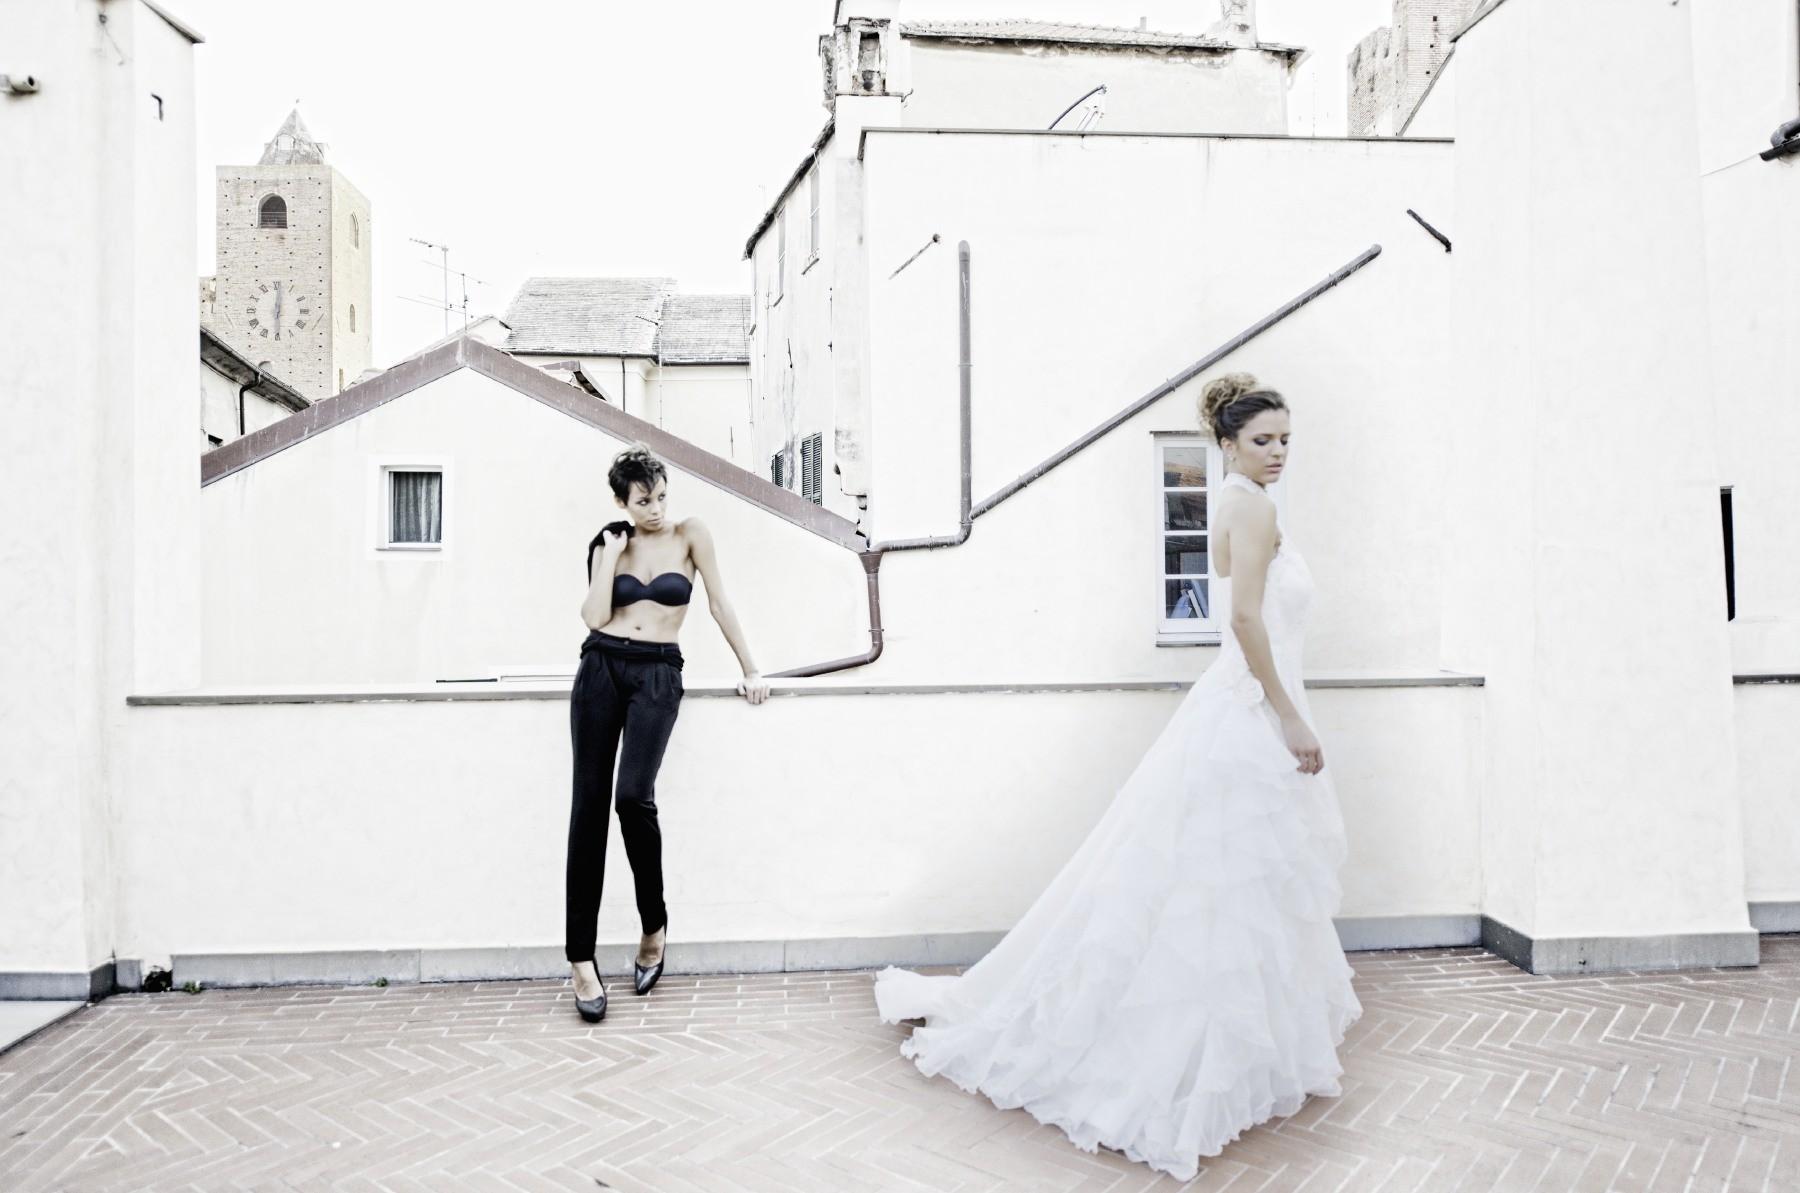 La-Rosa-di-Tulle136 Fashion/Adv